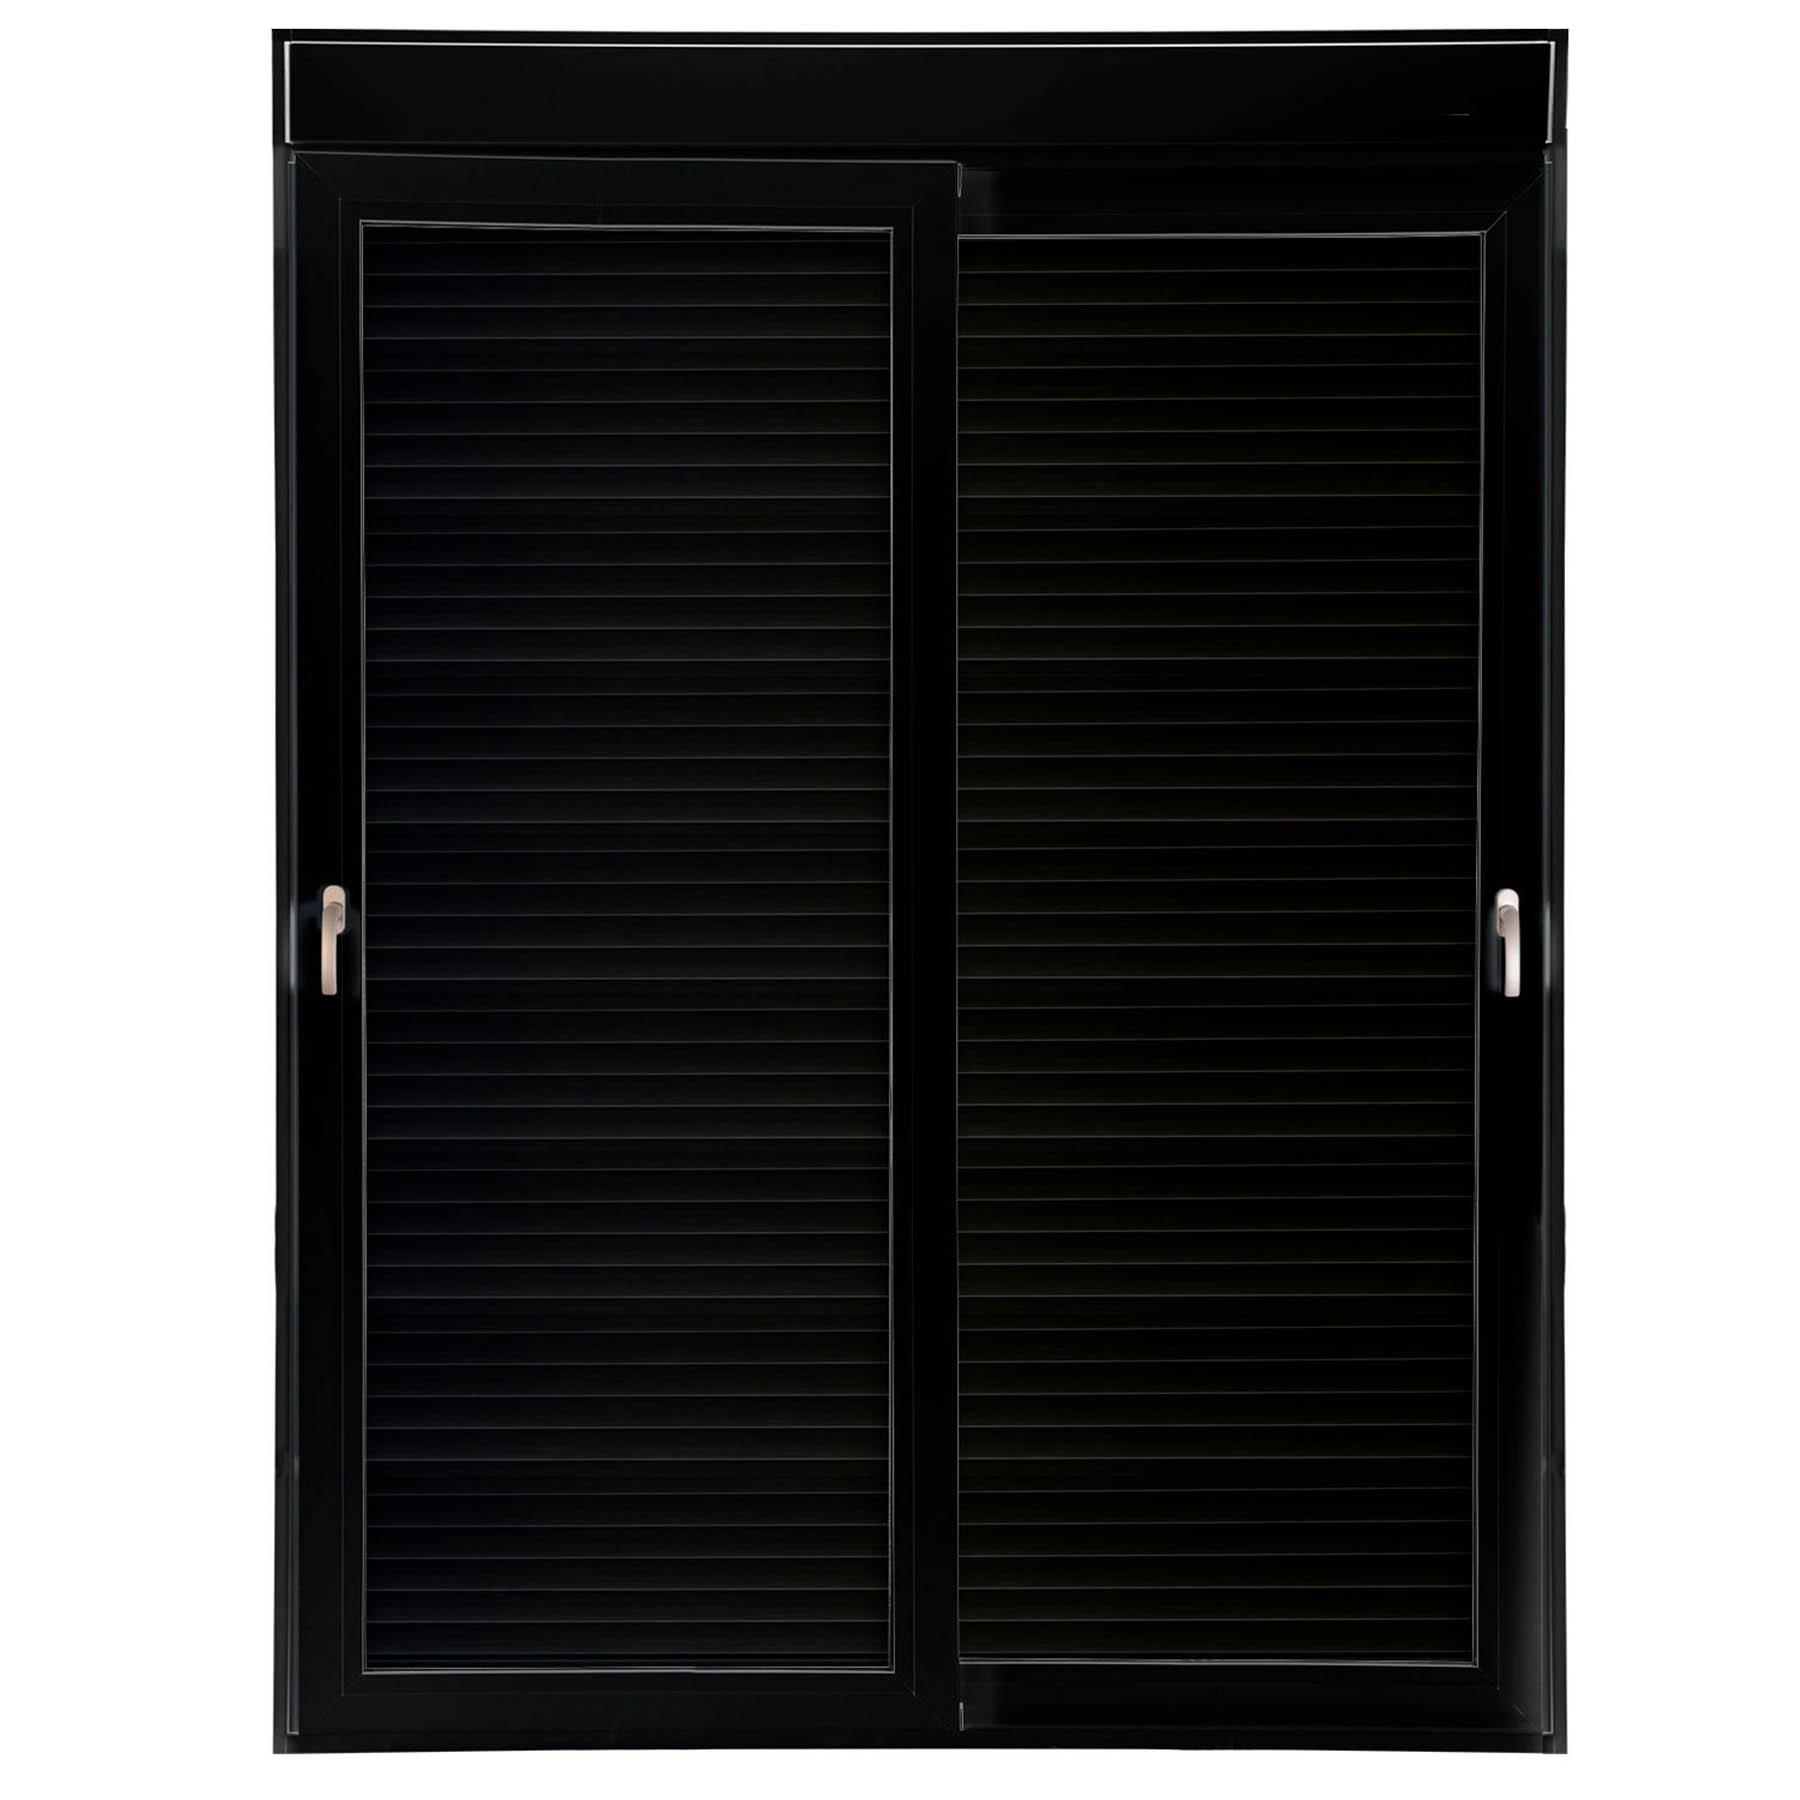 Porta 2 folhas de Correr cor Preta com Vidro com Sem Travessa e Persiana Automática 220V com Fecho Multiponto - 150x235 - Veneza